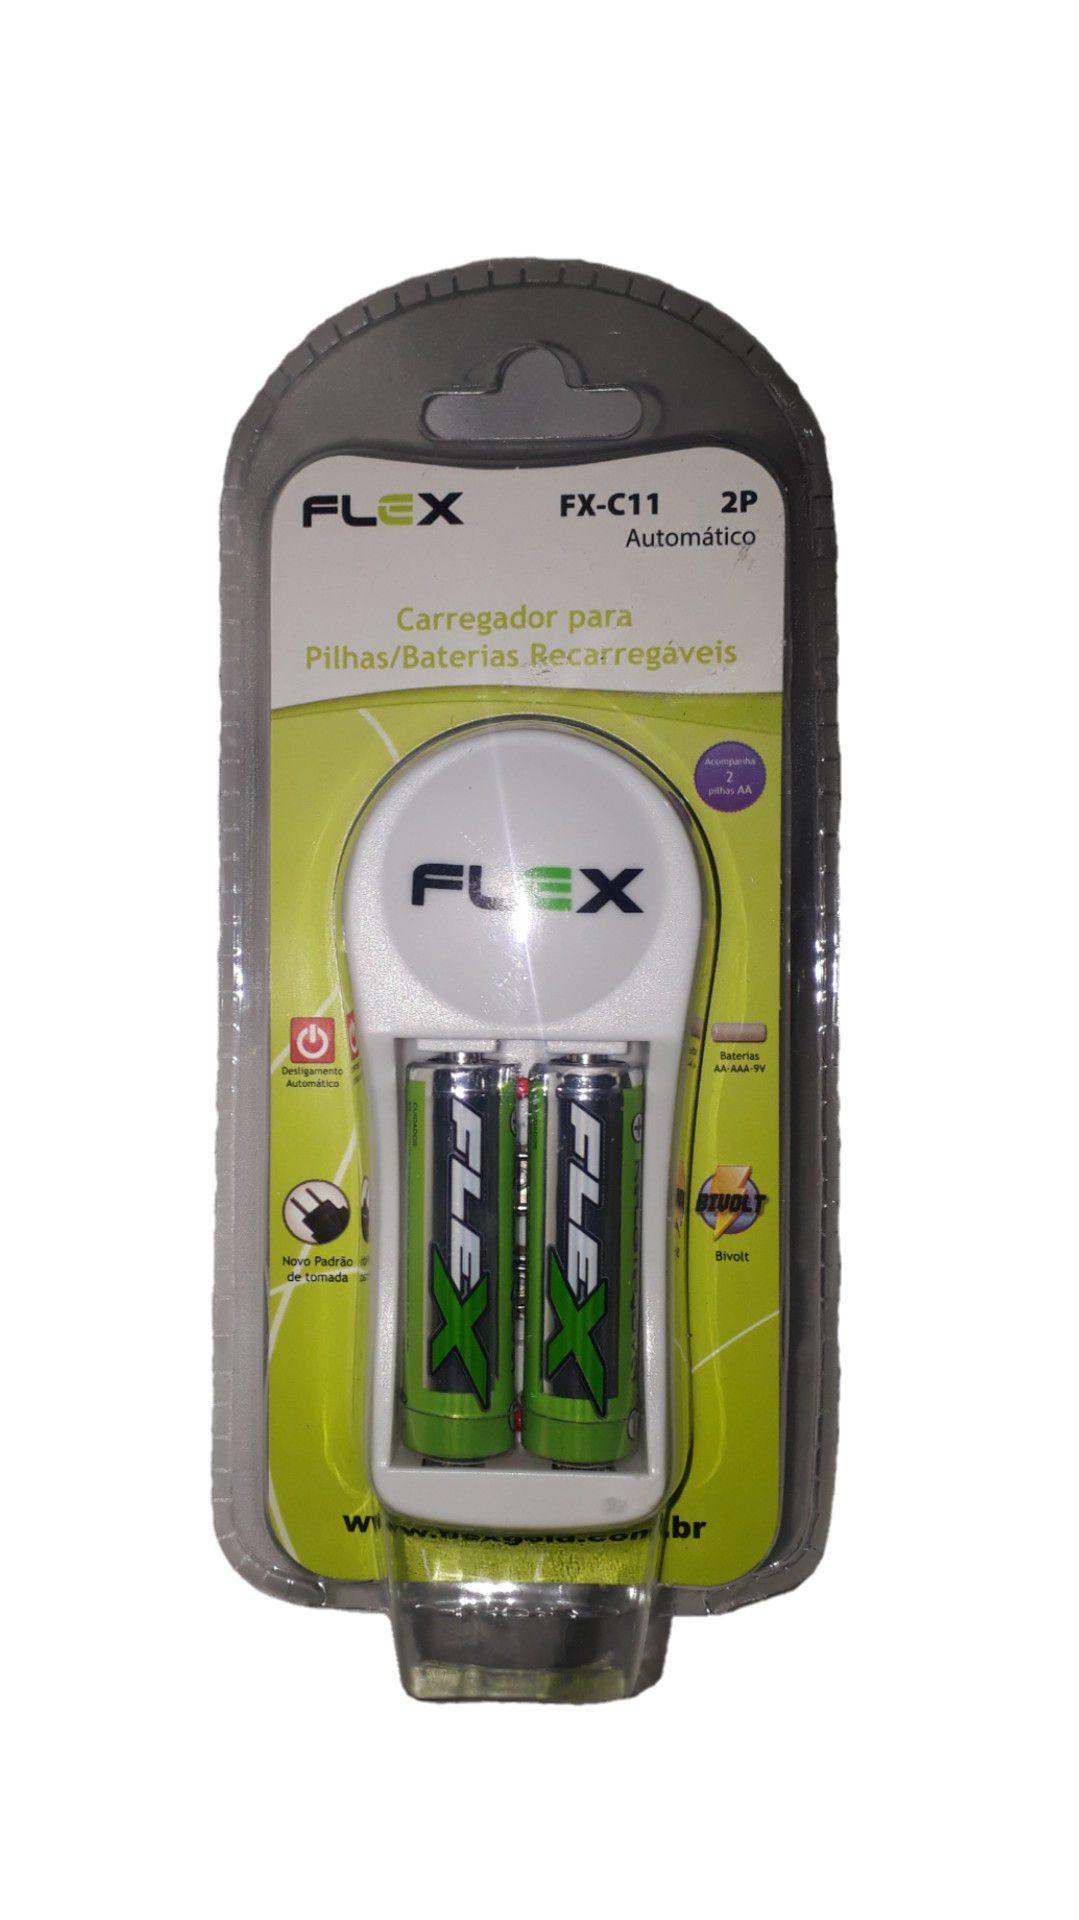 Carregador Flex Fxc11/2p Bivolt C/2 Pilhas Aa 2700 Mah C/desl.auto.